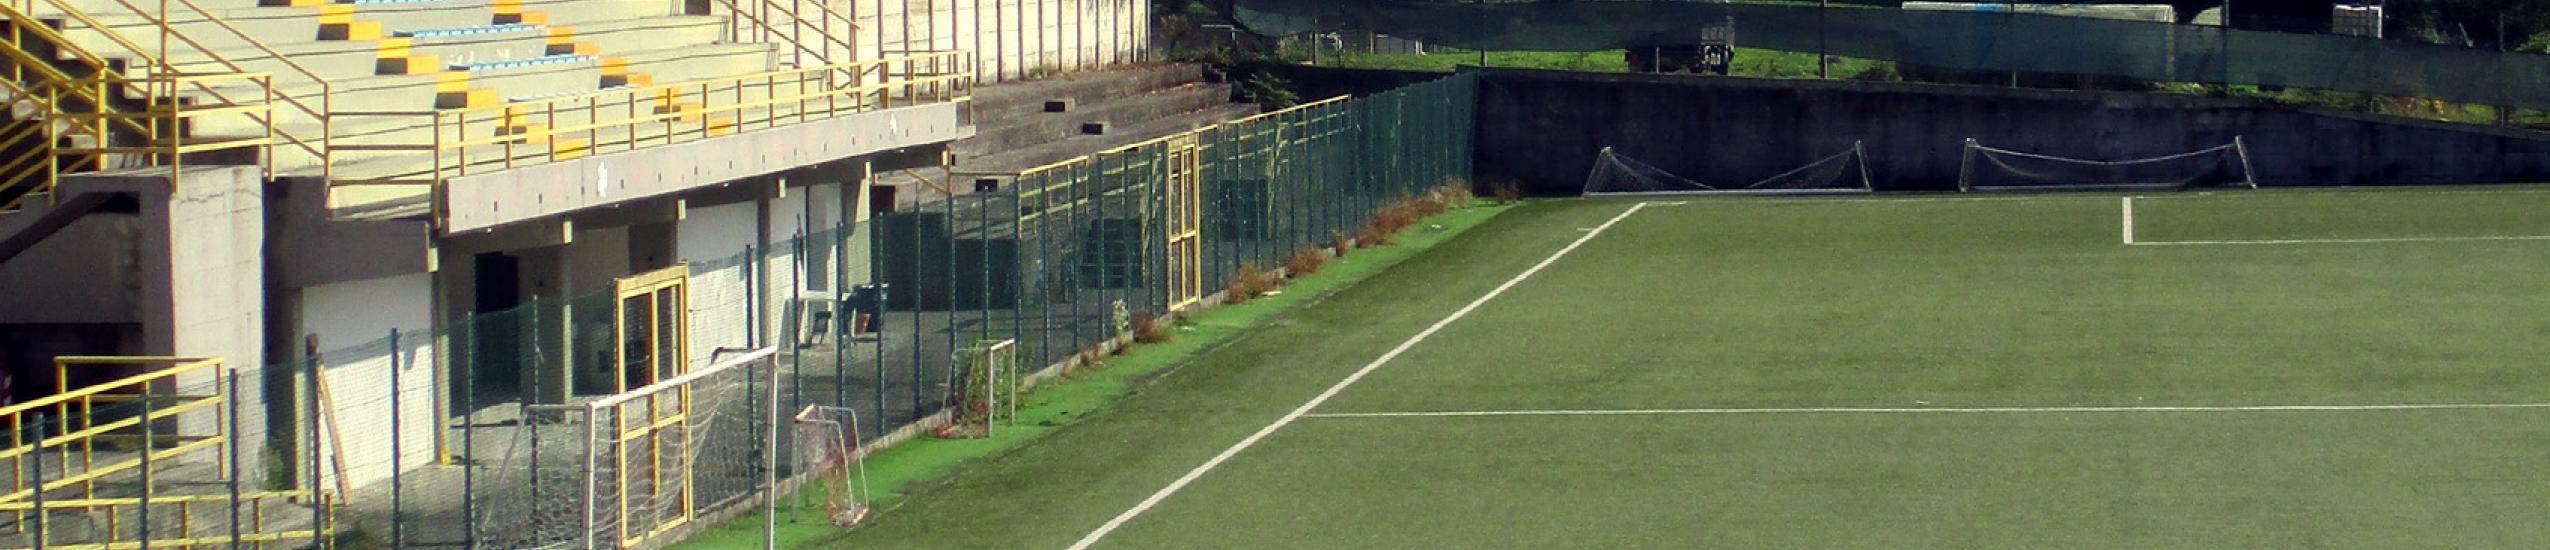 Centro sportivo Cristoforo Colombo